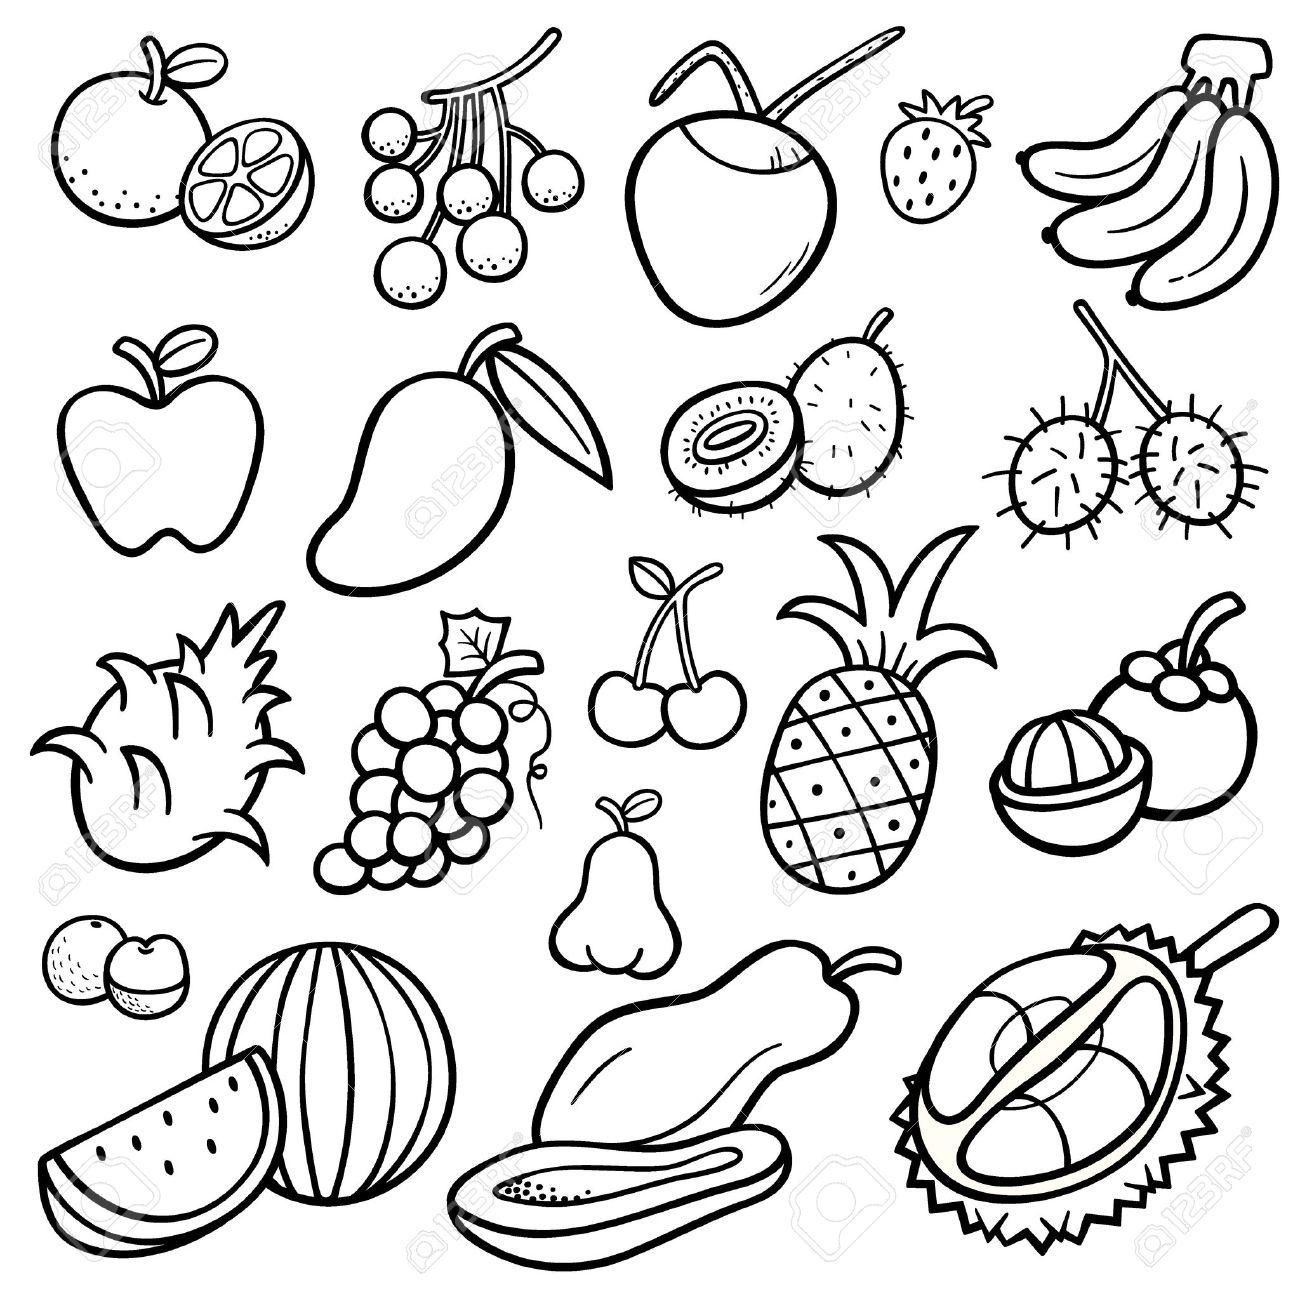 ベクトル イラスト果物セット 塗り絵のイラスト素材ベクタ Image